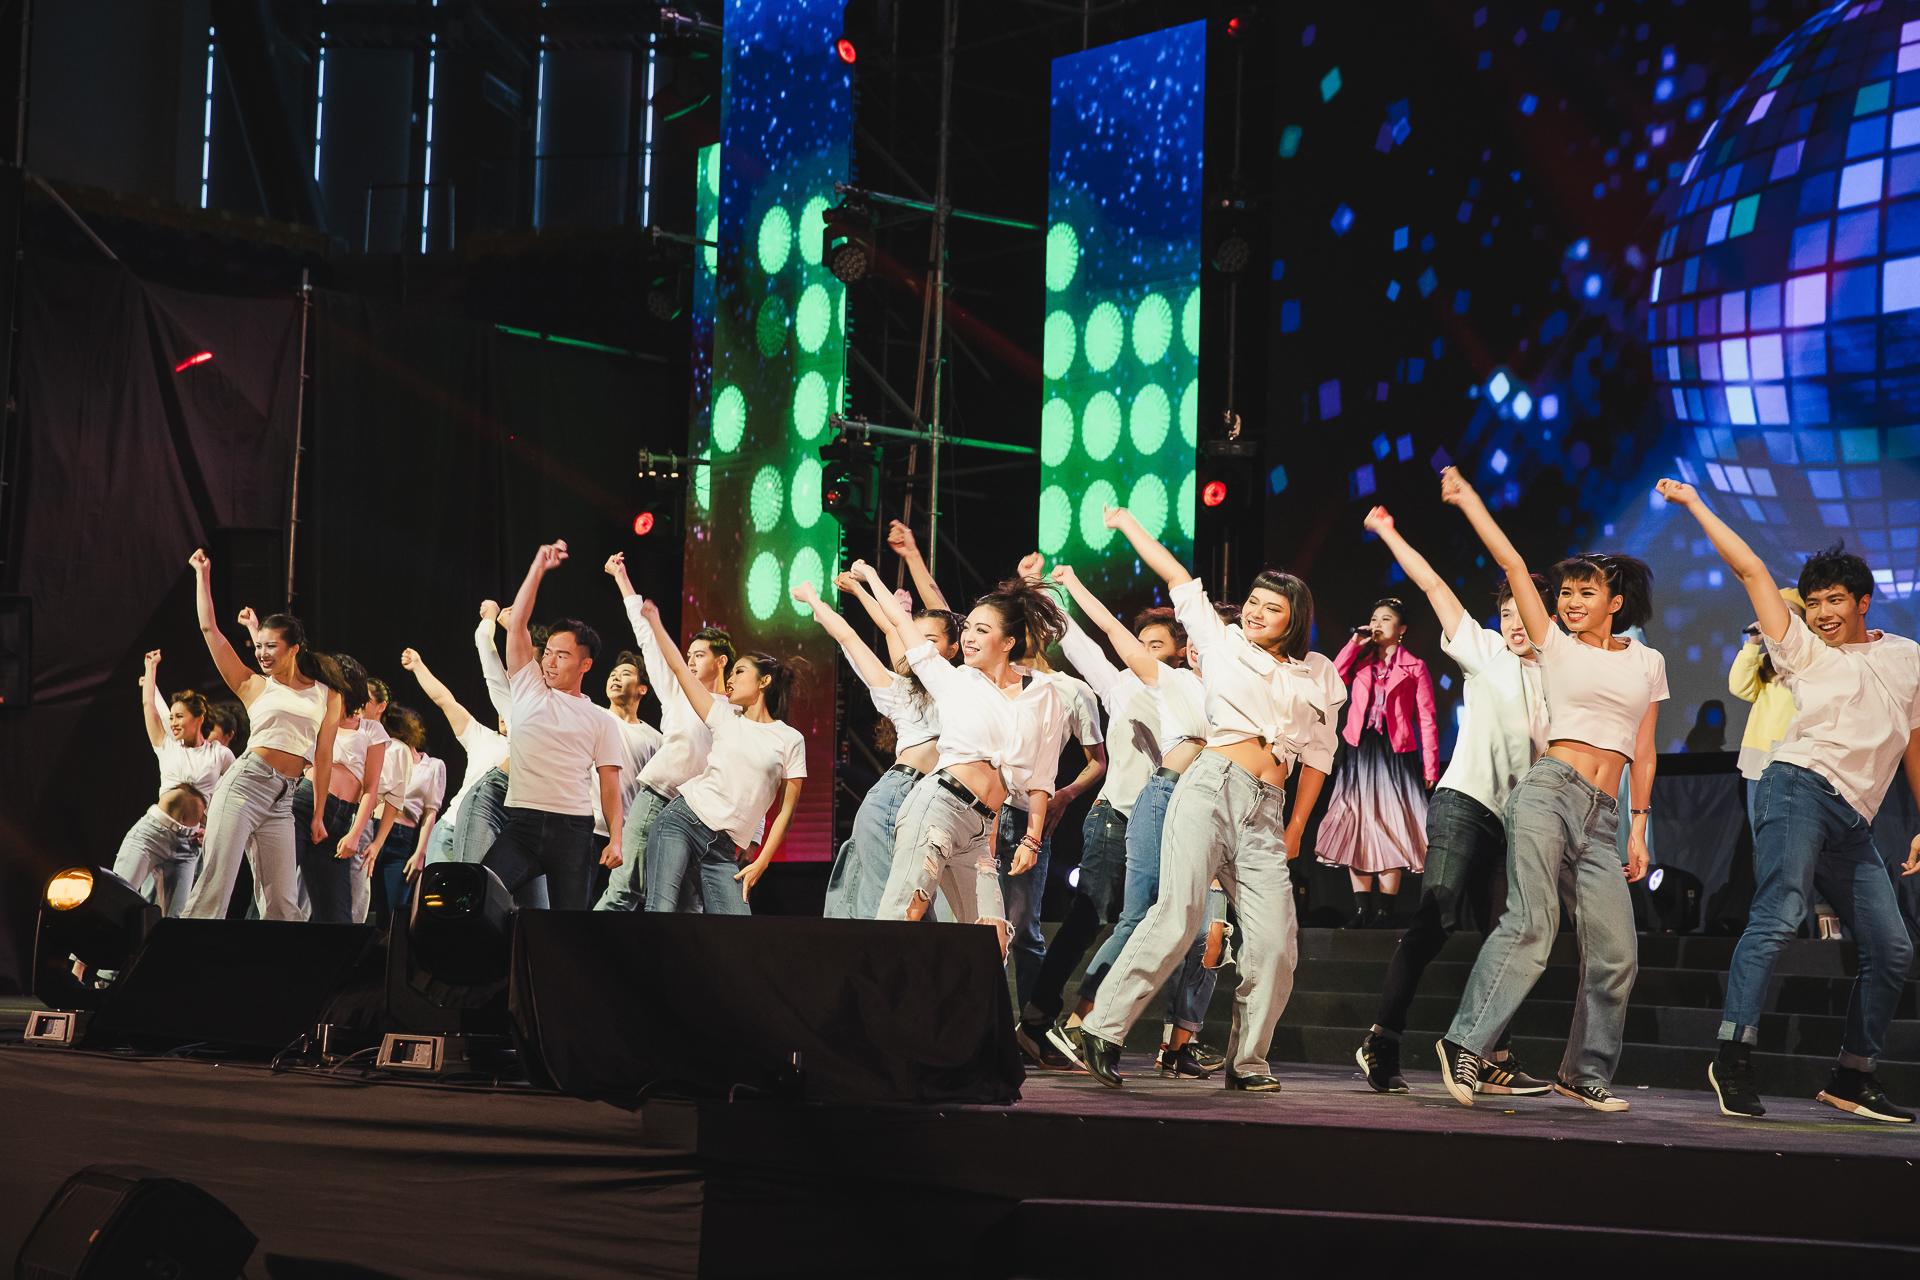 [活動攝影]全美世界14週年慶暨表揚大會-活動攝影